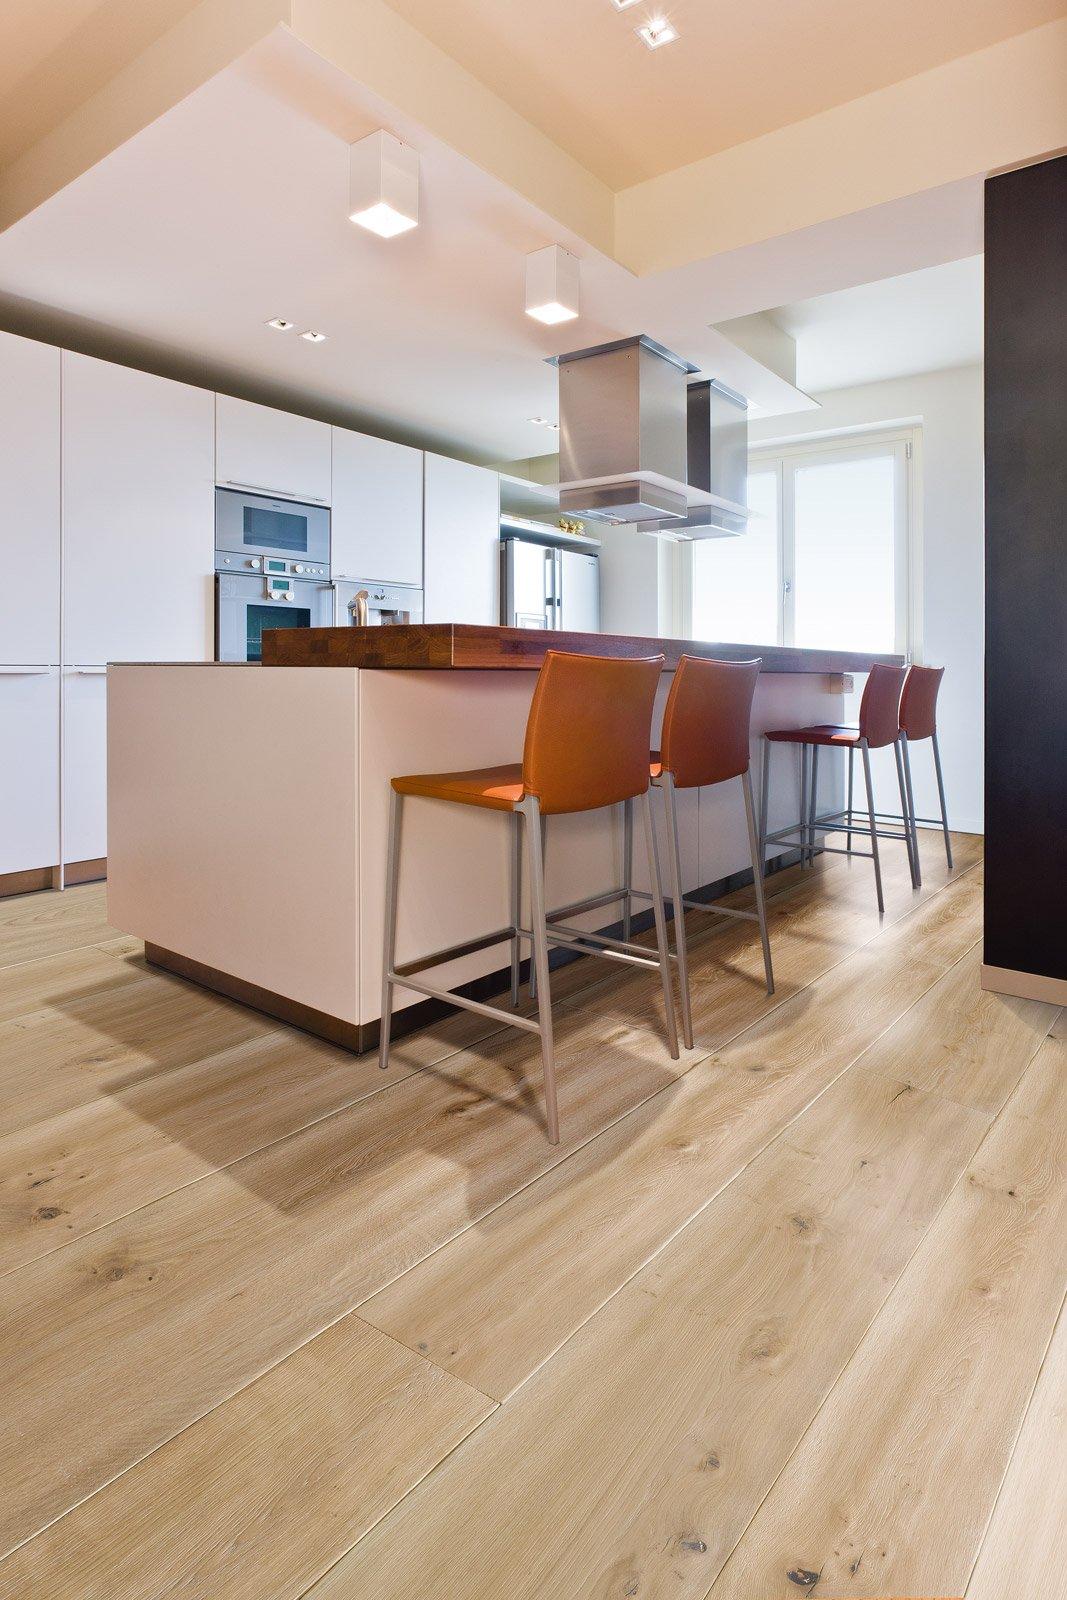 Scegliere il pavimento della cucina effetto legno - Parquet su piastrelle ...